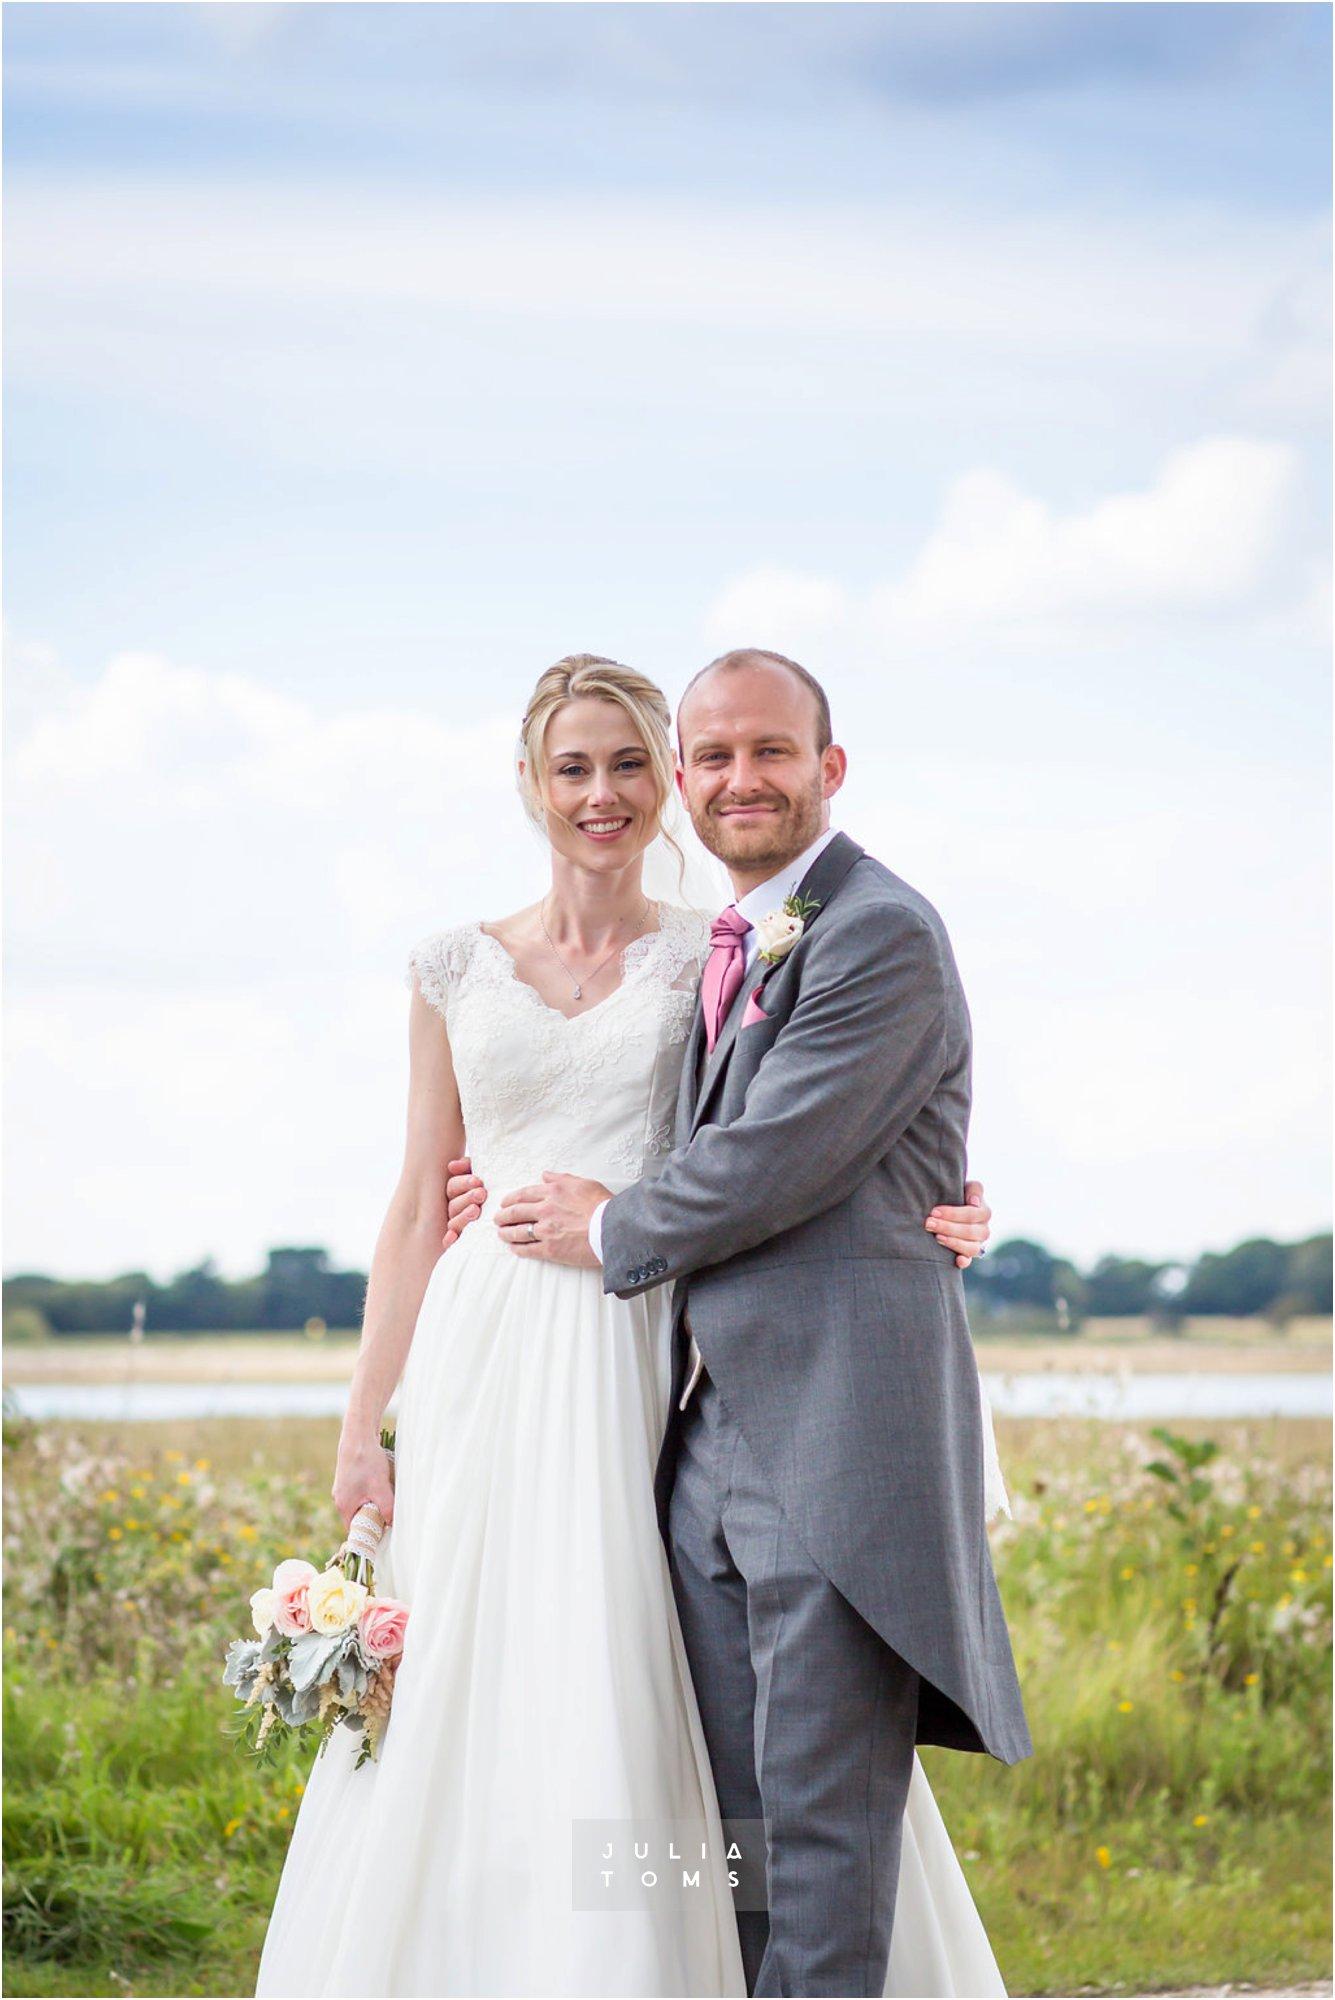 itchenor_wedding_chichester_photographer_045.jpg